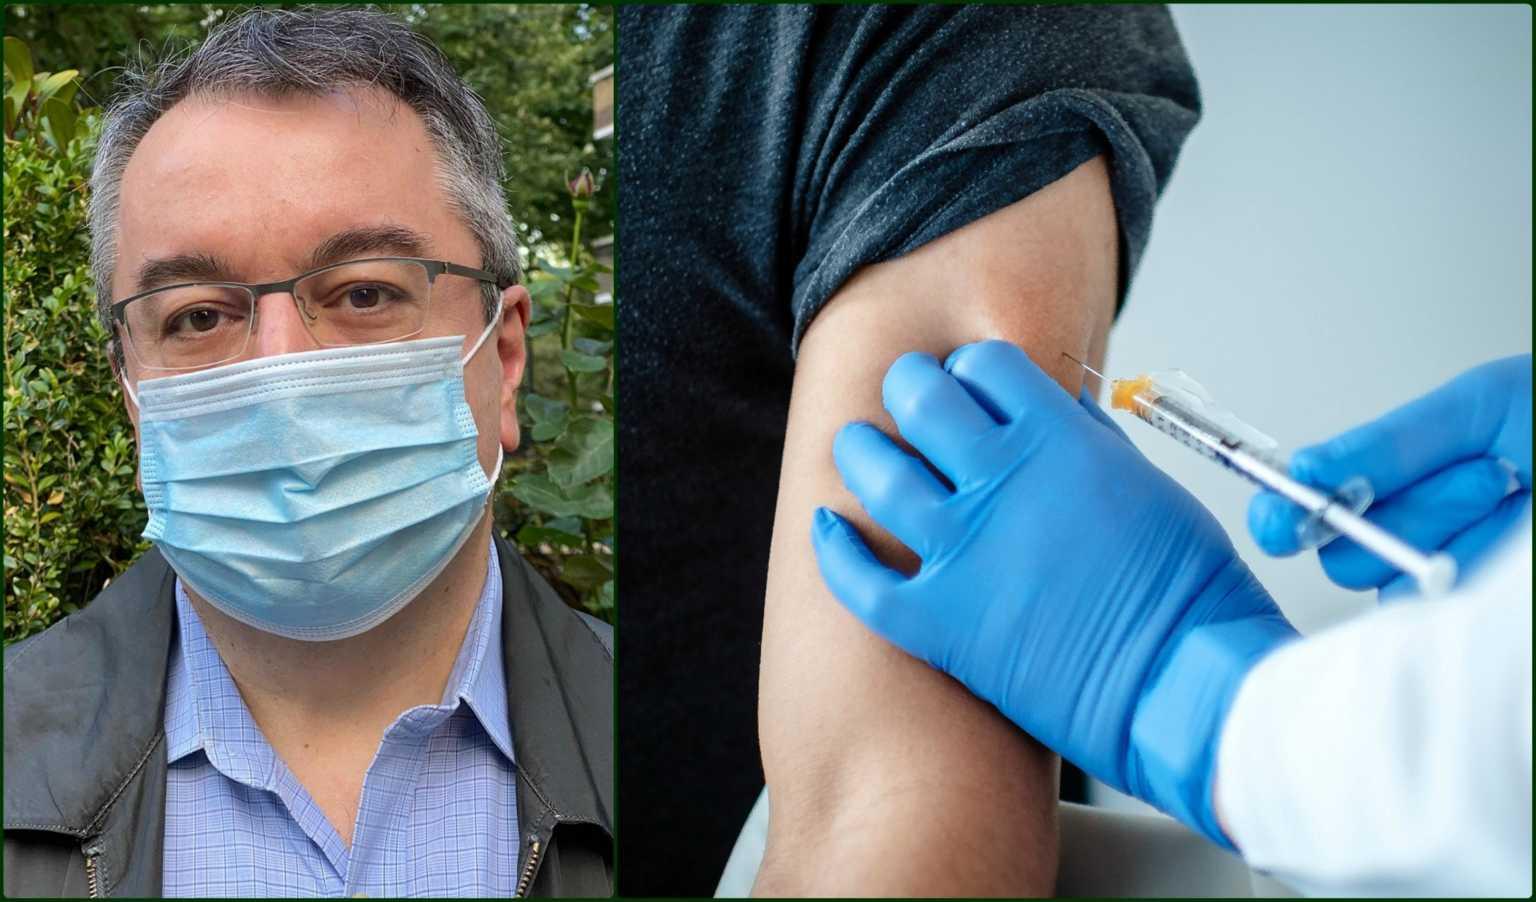 Εξαιρετικά αισιόδοξος ο Μόσιαλος για τα εμβόλια και την μετάλλαξη Δέλτα – Τα αποκαλυπτικά στοιχεία